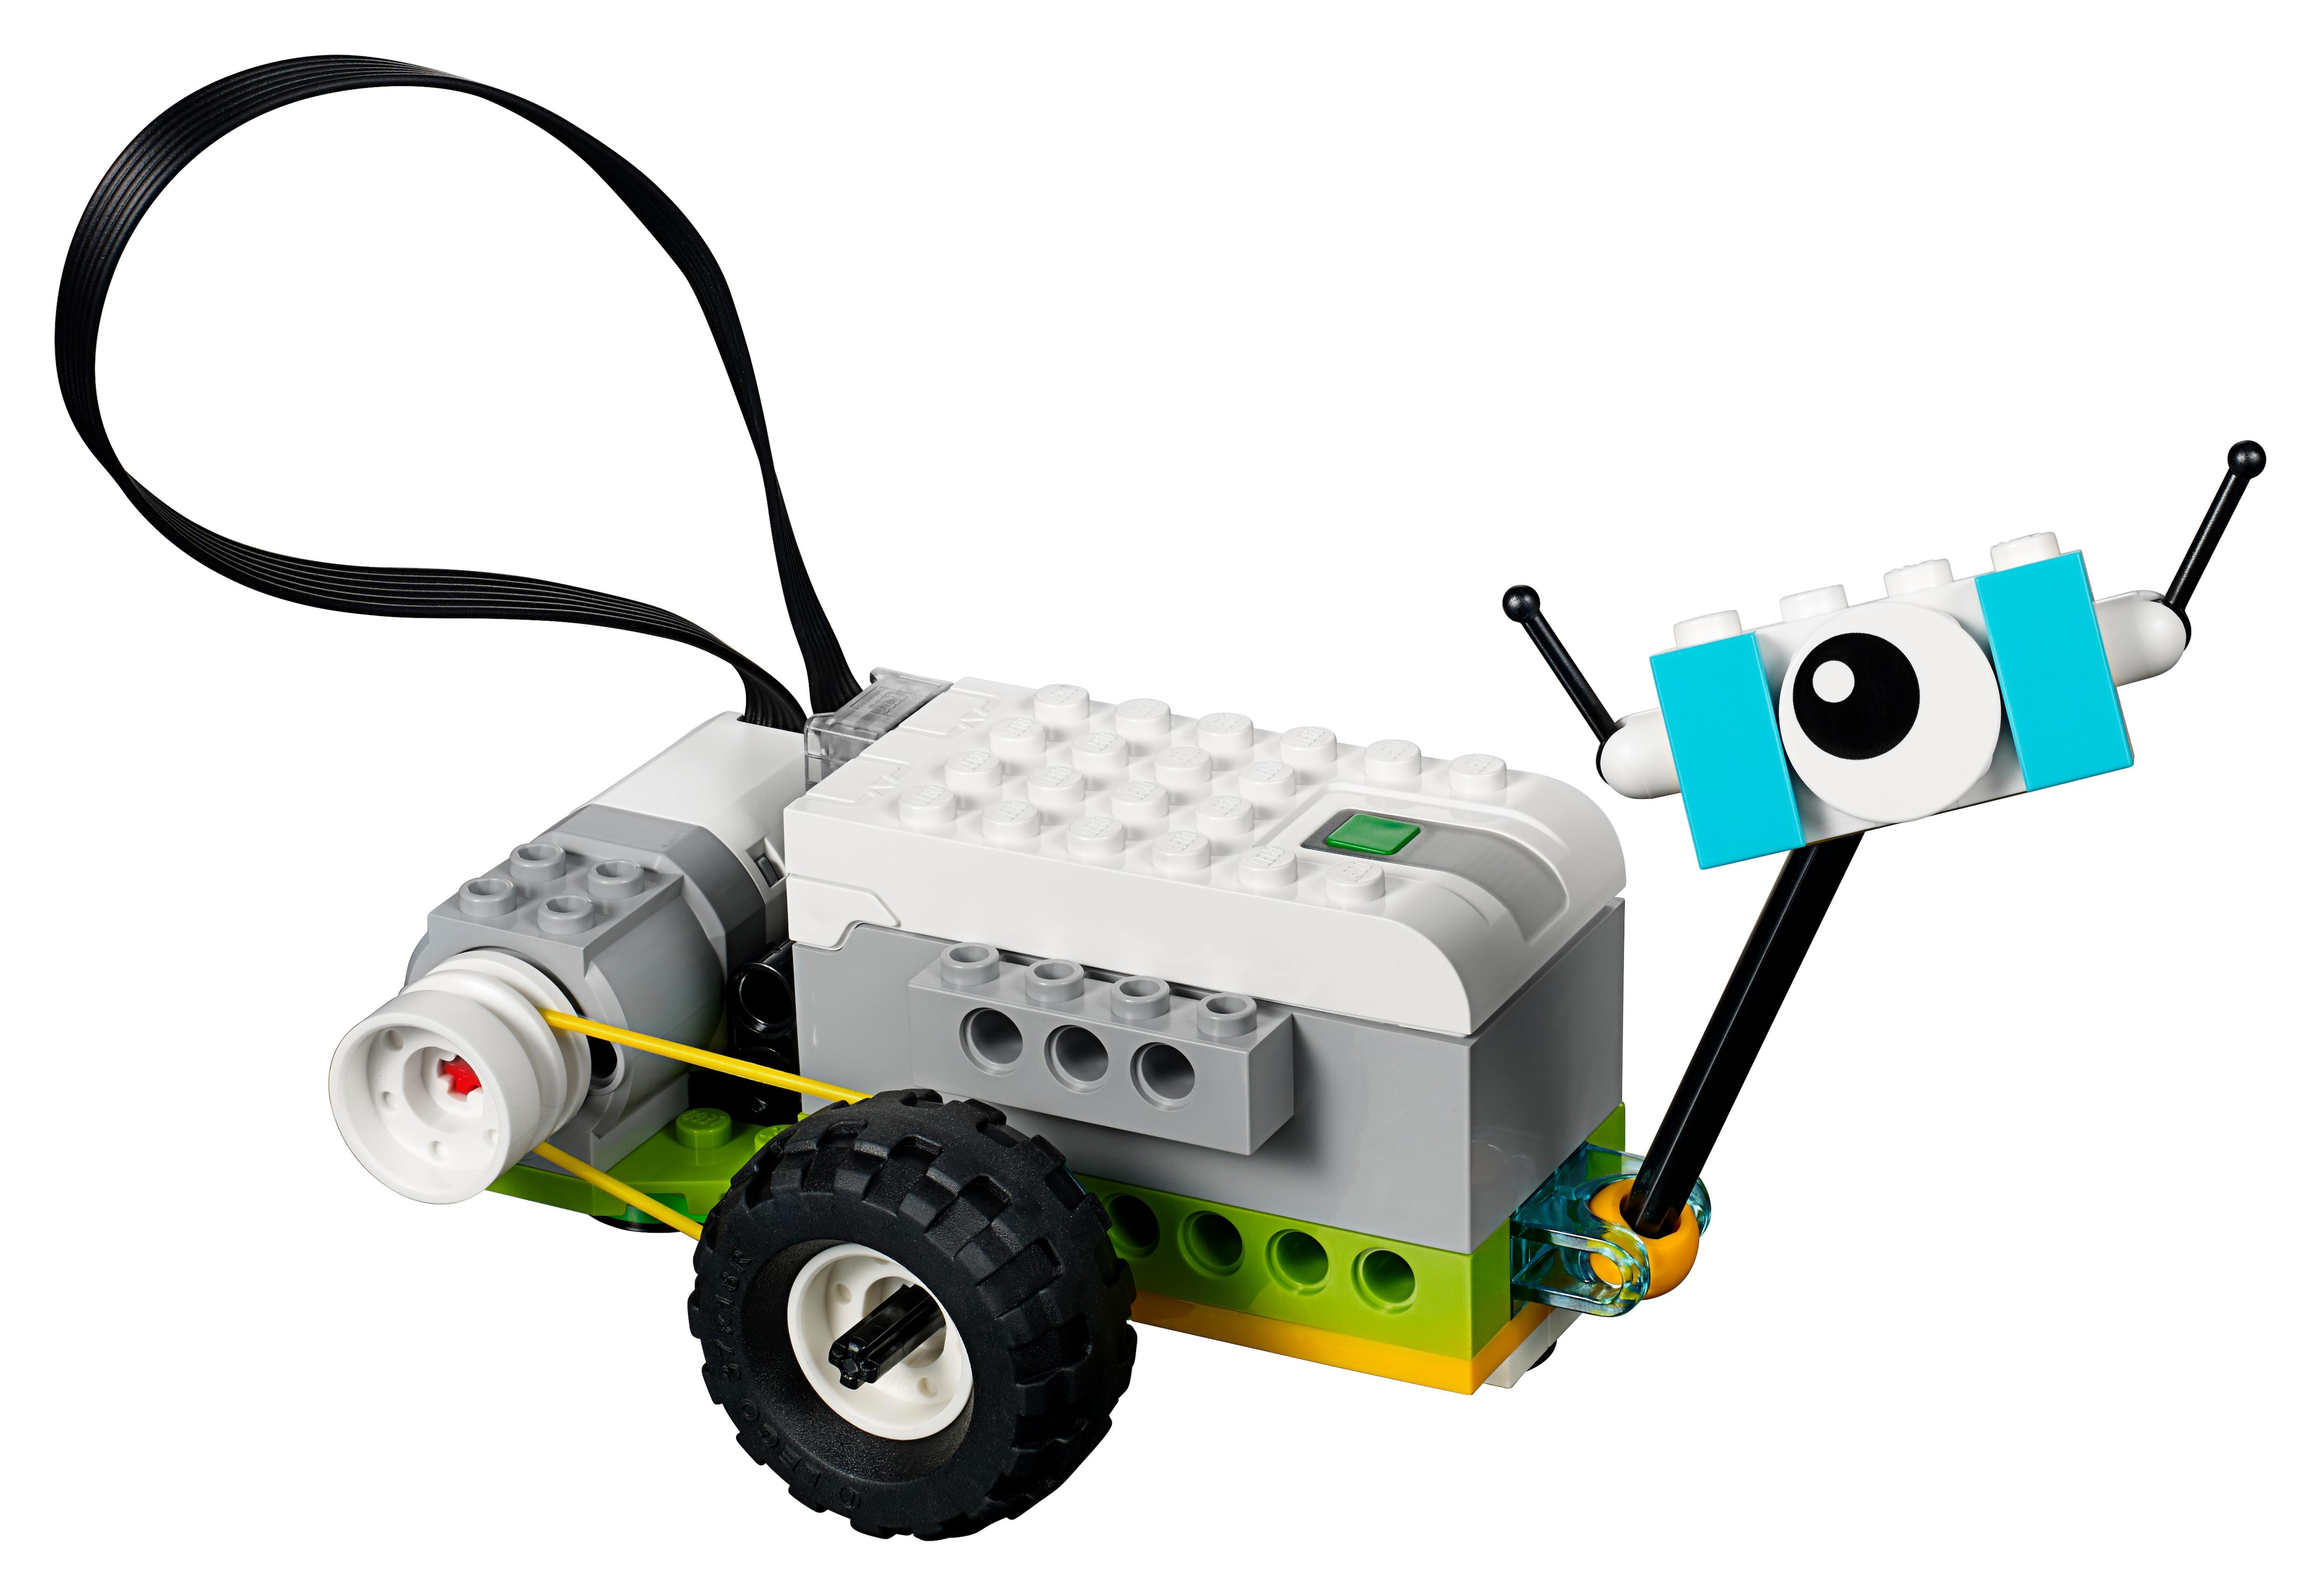 Lego Wedo 2.0 ile Robotlarımız